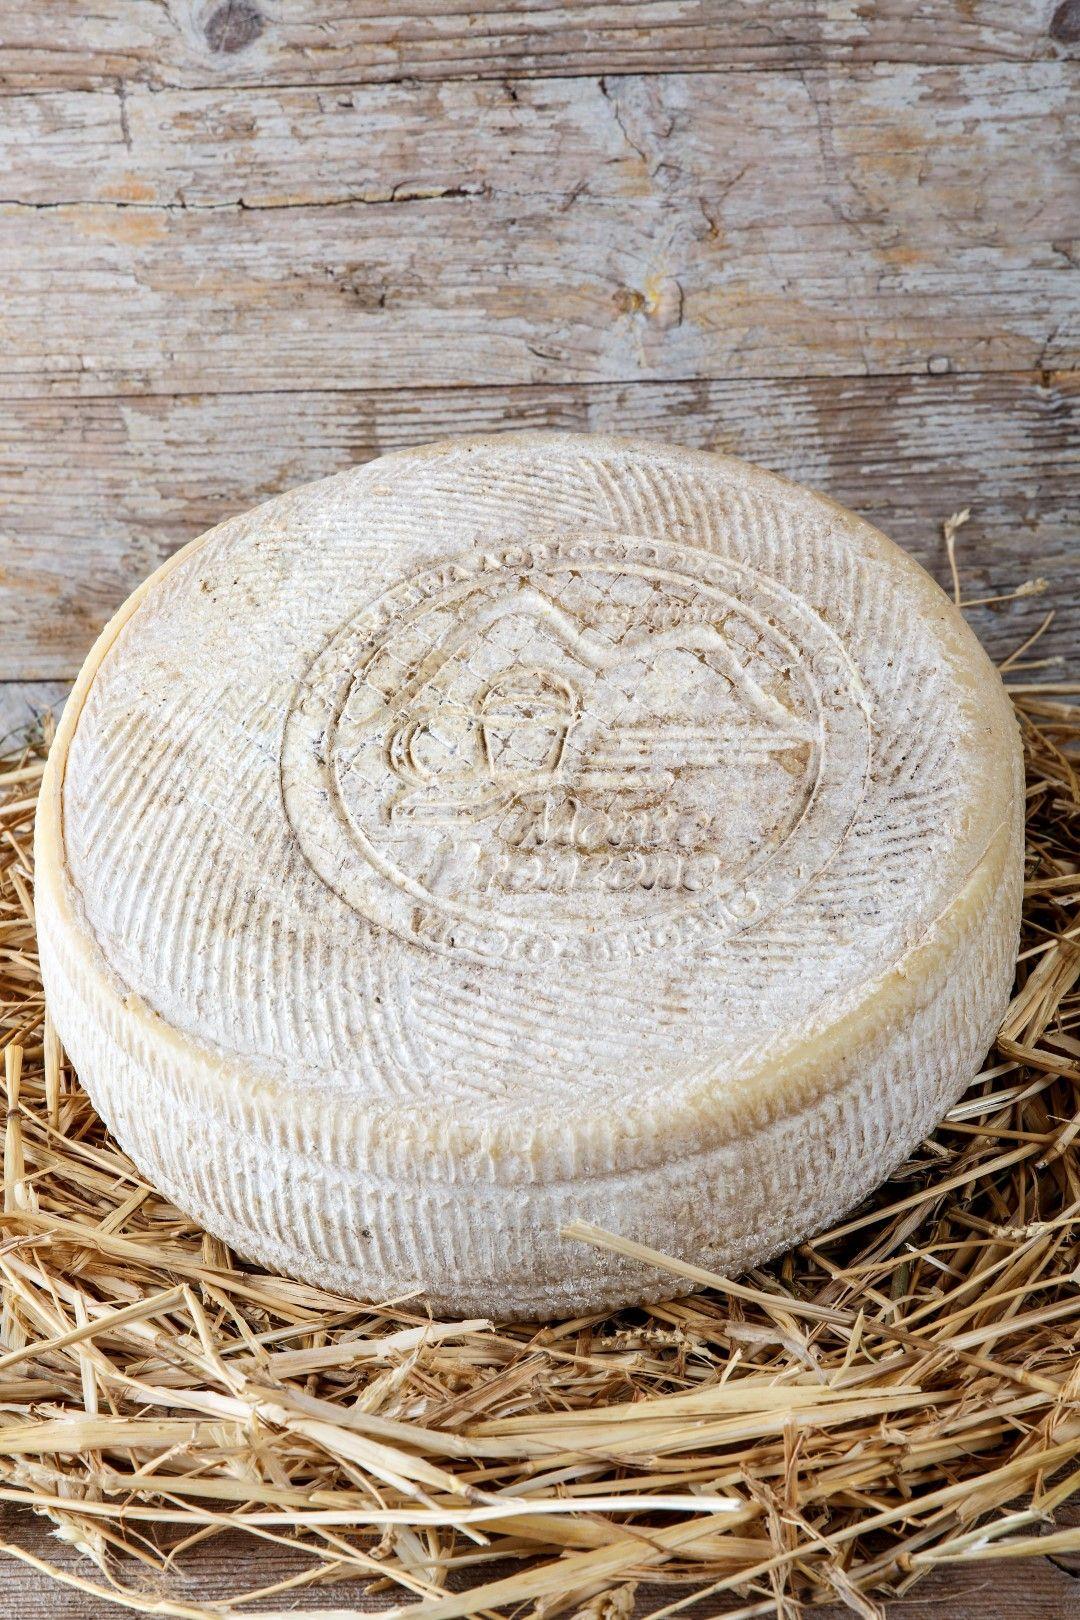 Formaggio di Monte - Riserva del Casaro (stagionato 5 mesi) Ingredienti: LATTE pastorizzato, caglio, sale, fermenti lattici